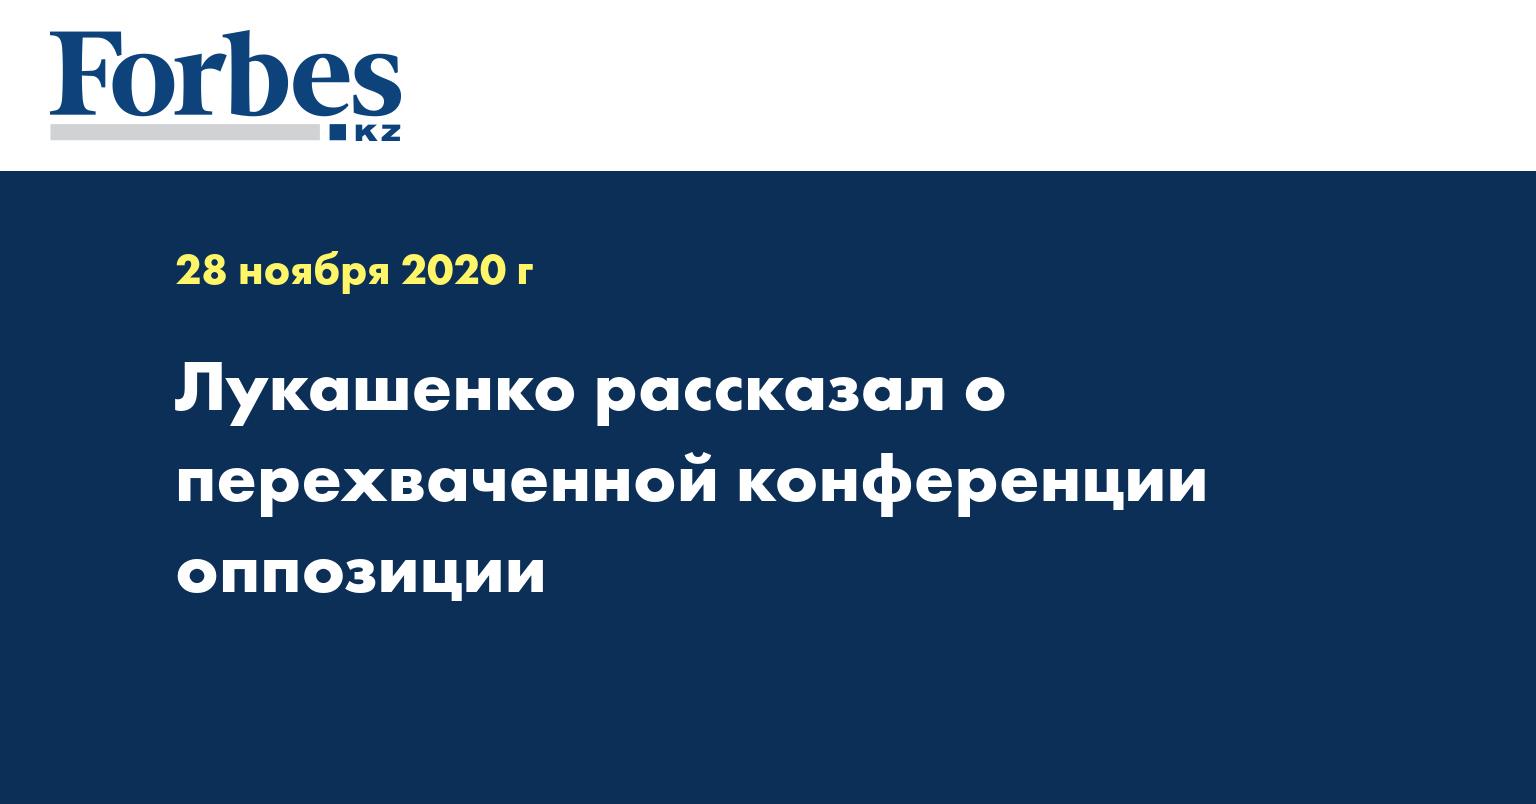 Лукашенко рассказал о перехваченной конференции оппозиции